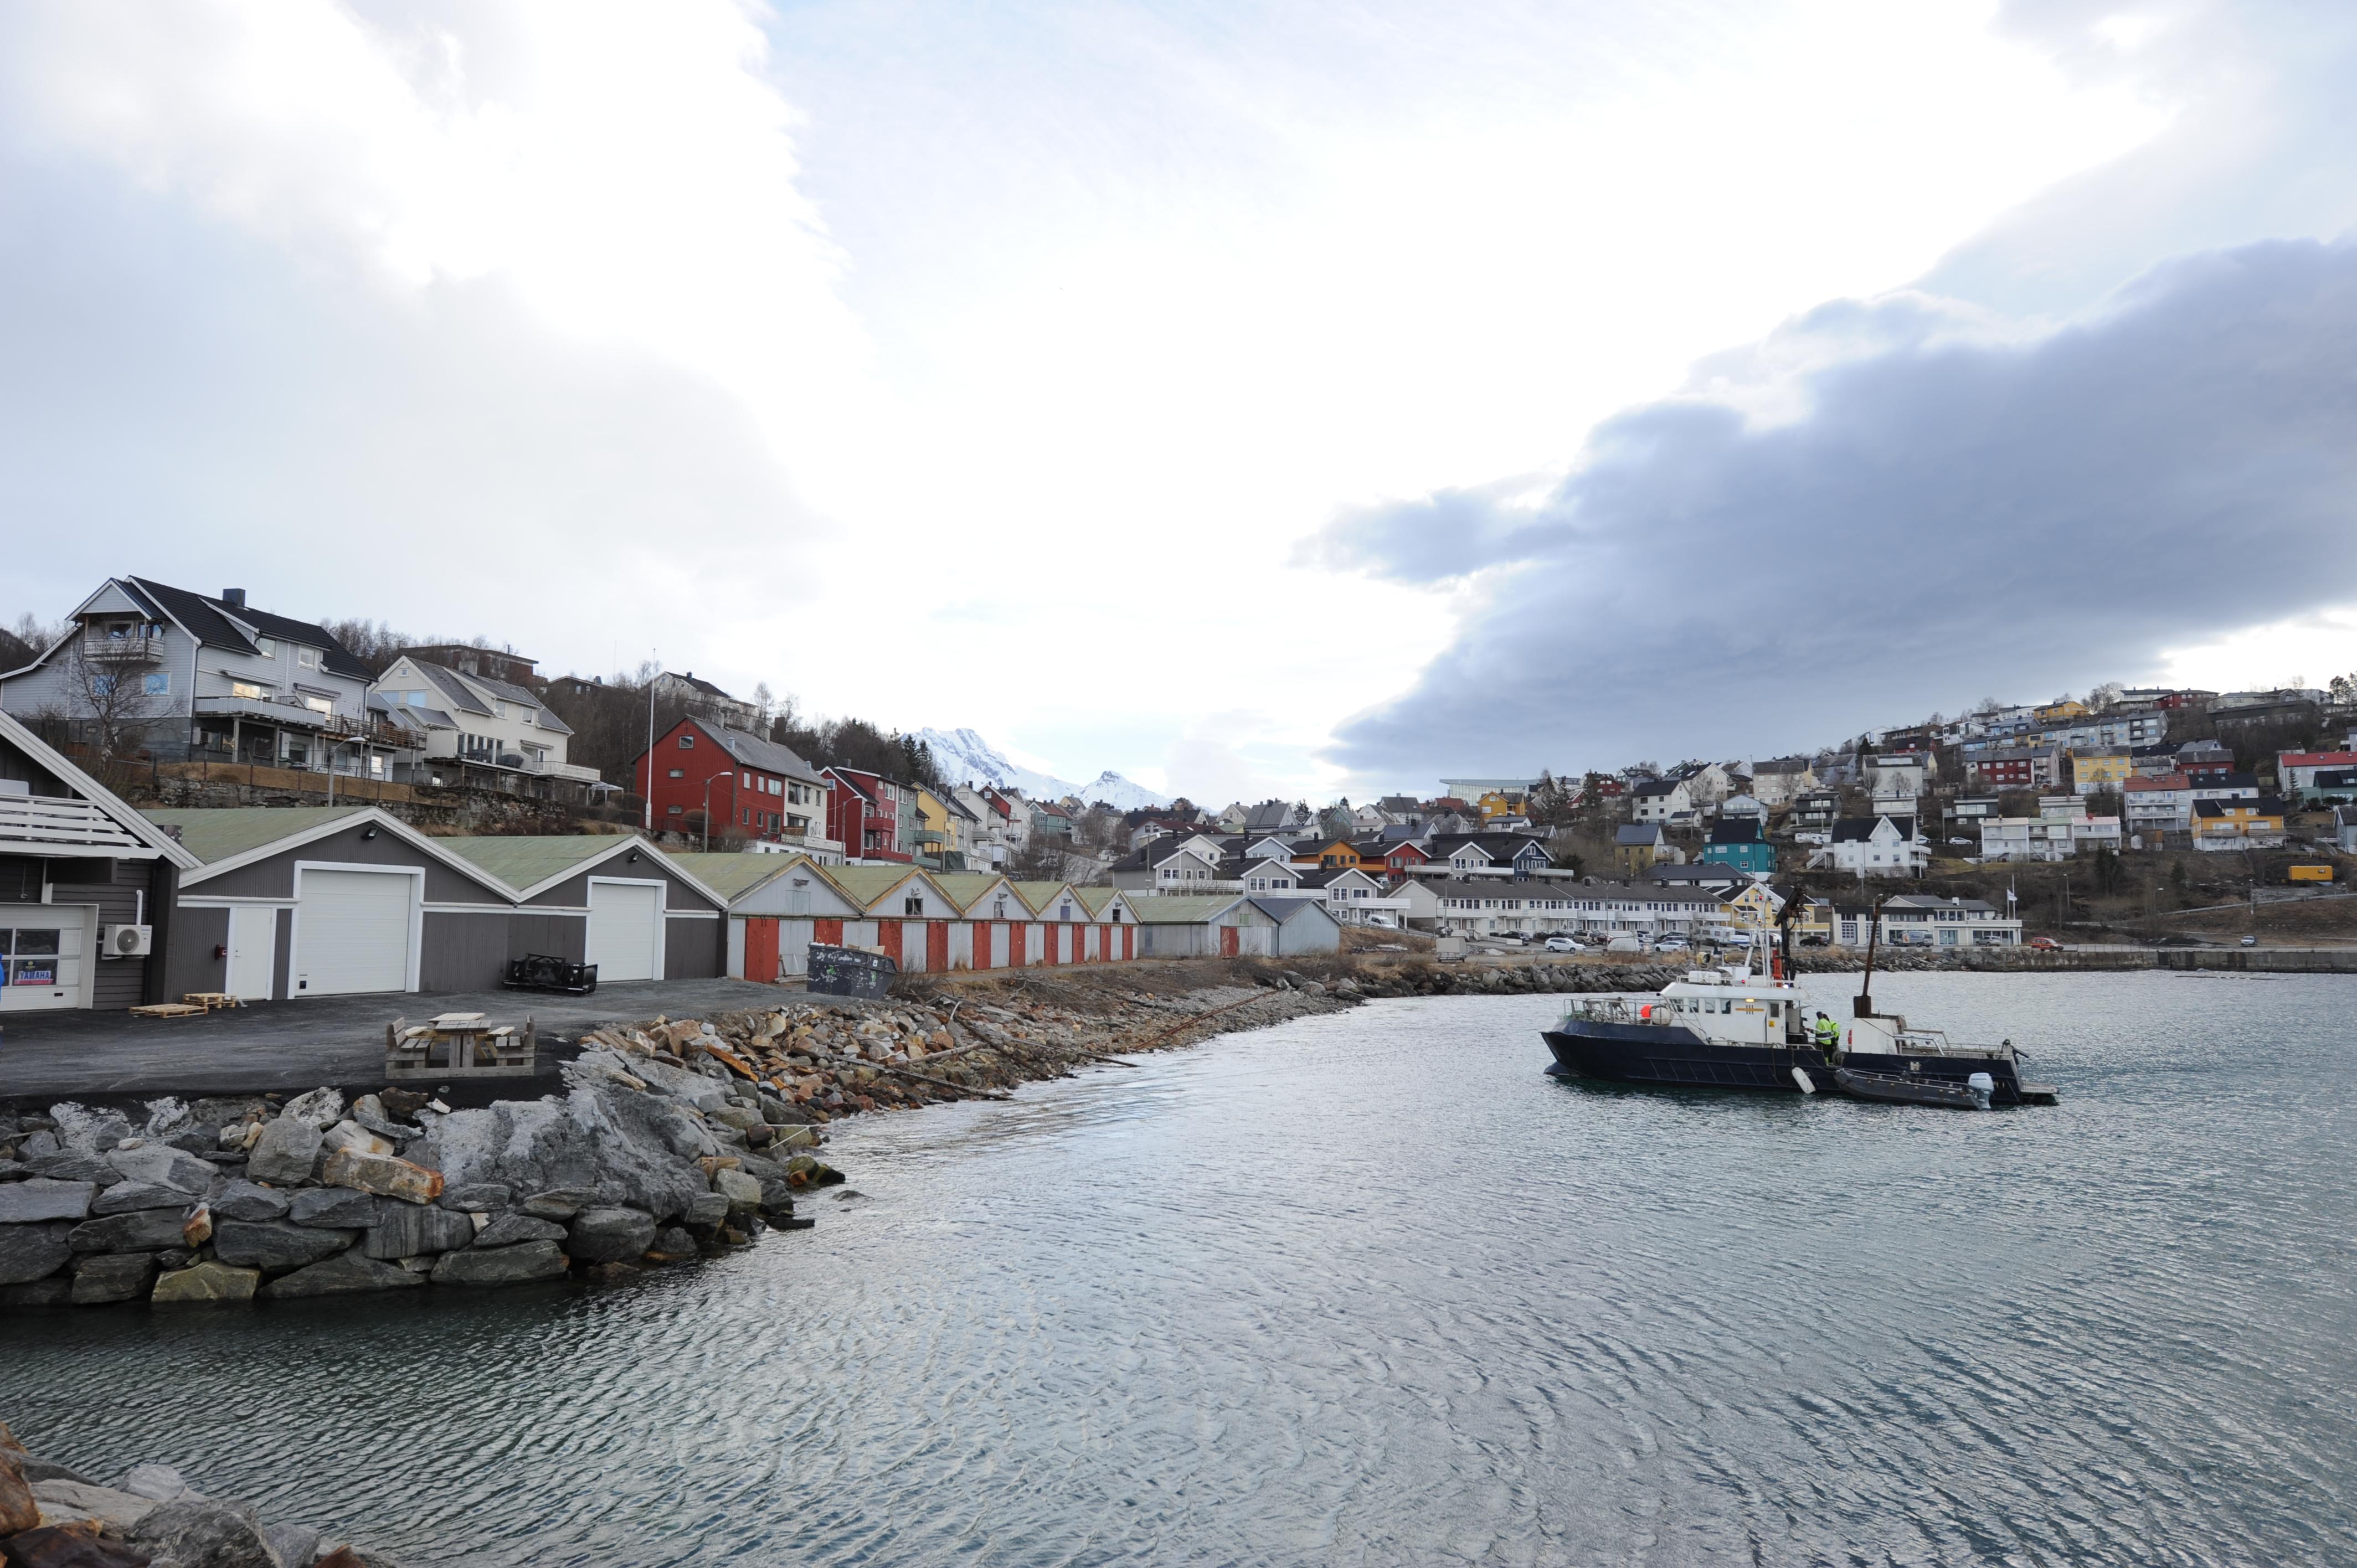 Akkurat nå foregår det boring av sjøgrunnen foran tomten i Vassvik. Foto: Rune Dahl